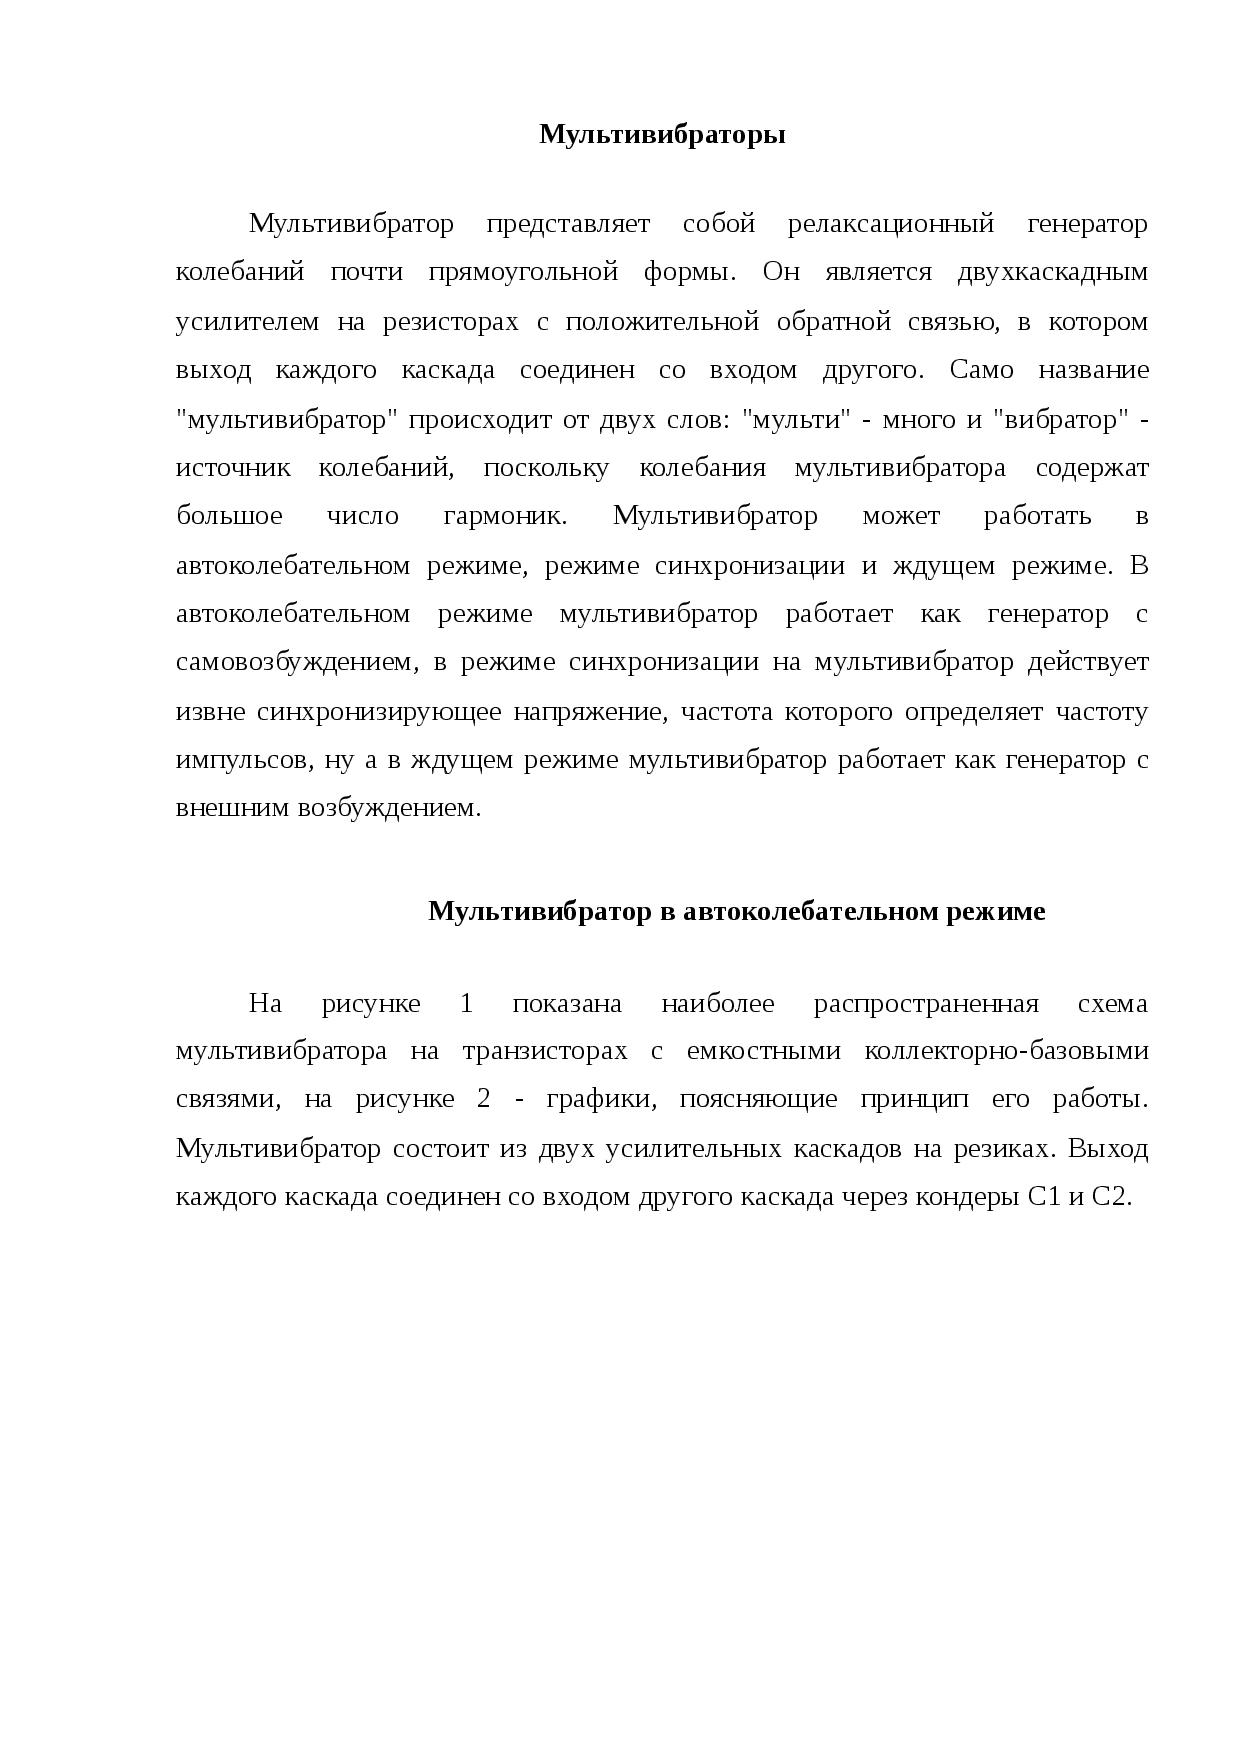 Мультивибратор на транзисторах. описание работы | joyta.ru